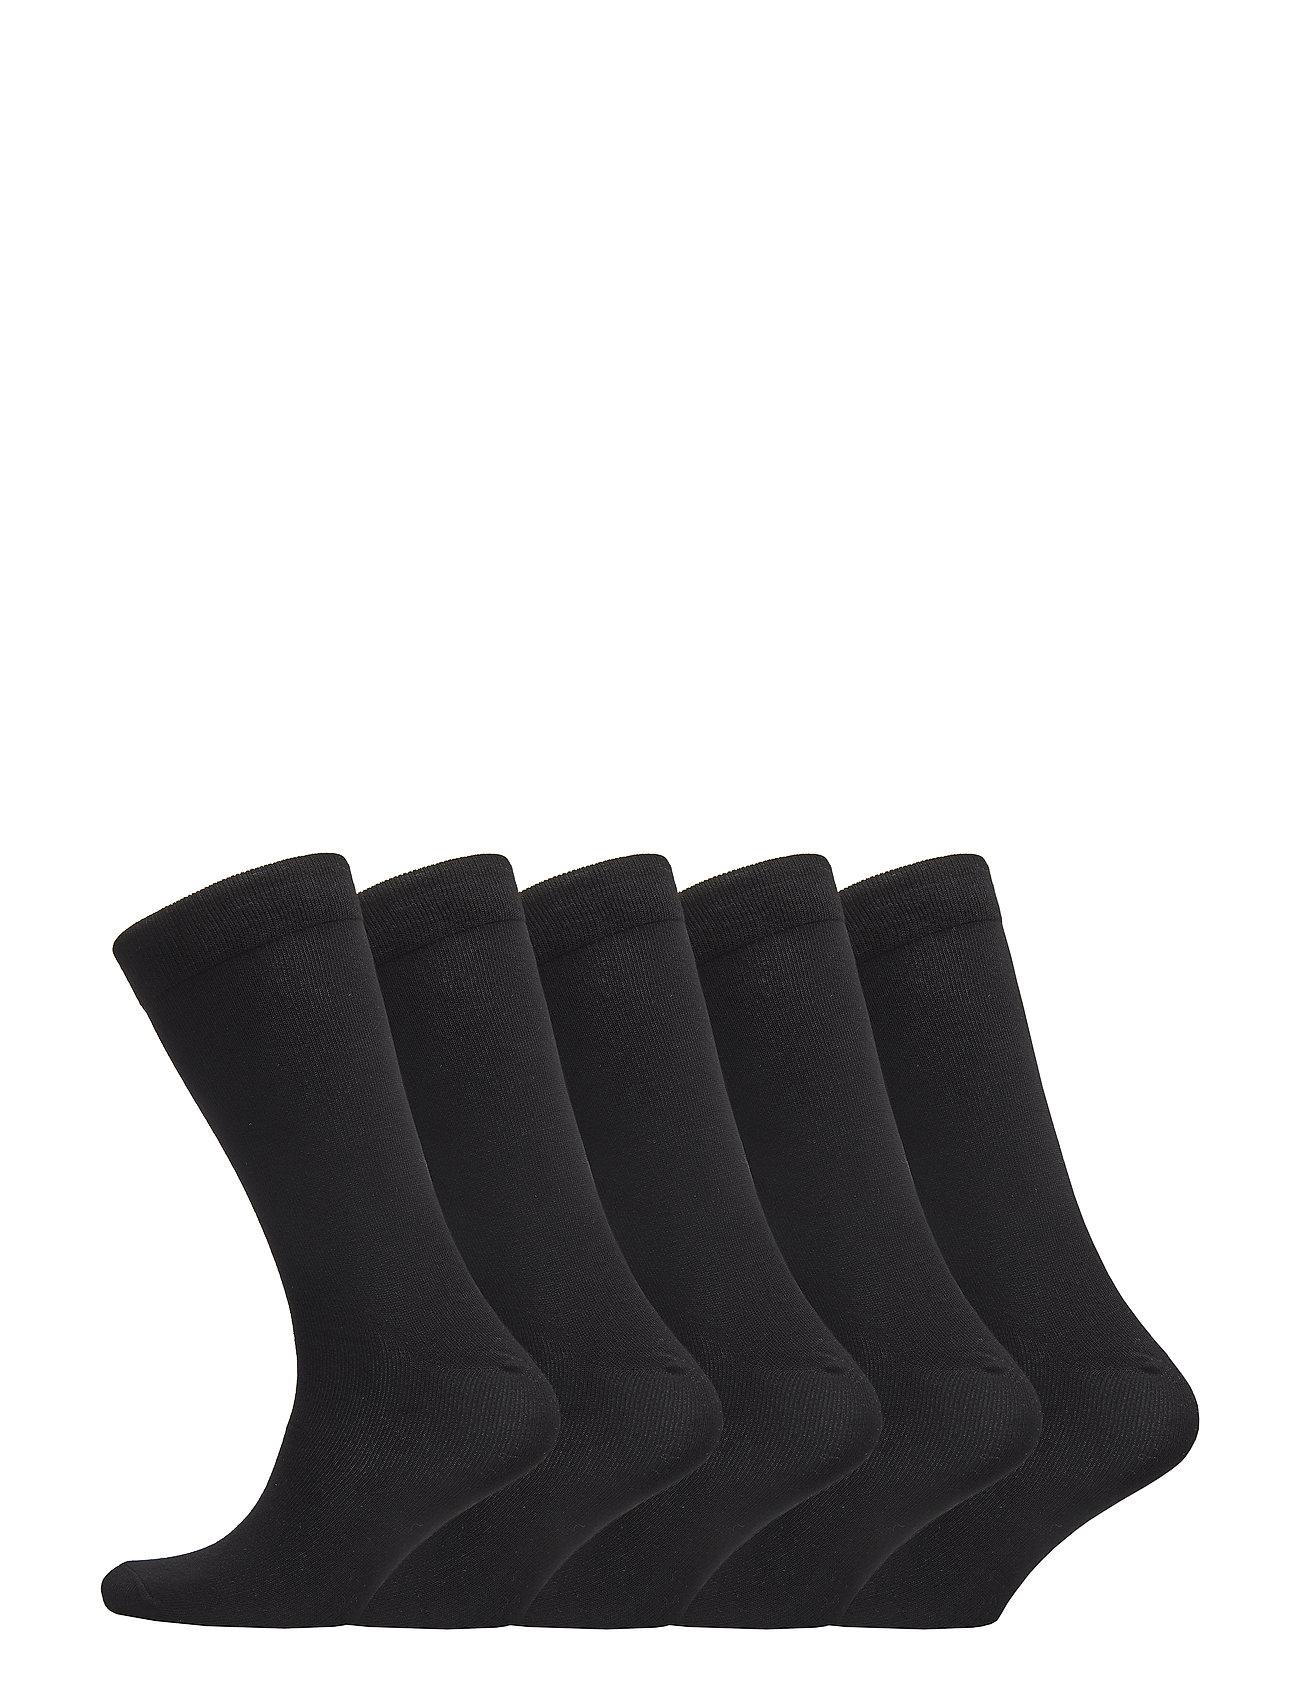 Boozt Merchandise 5 pack regular sock – Women - BLACK